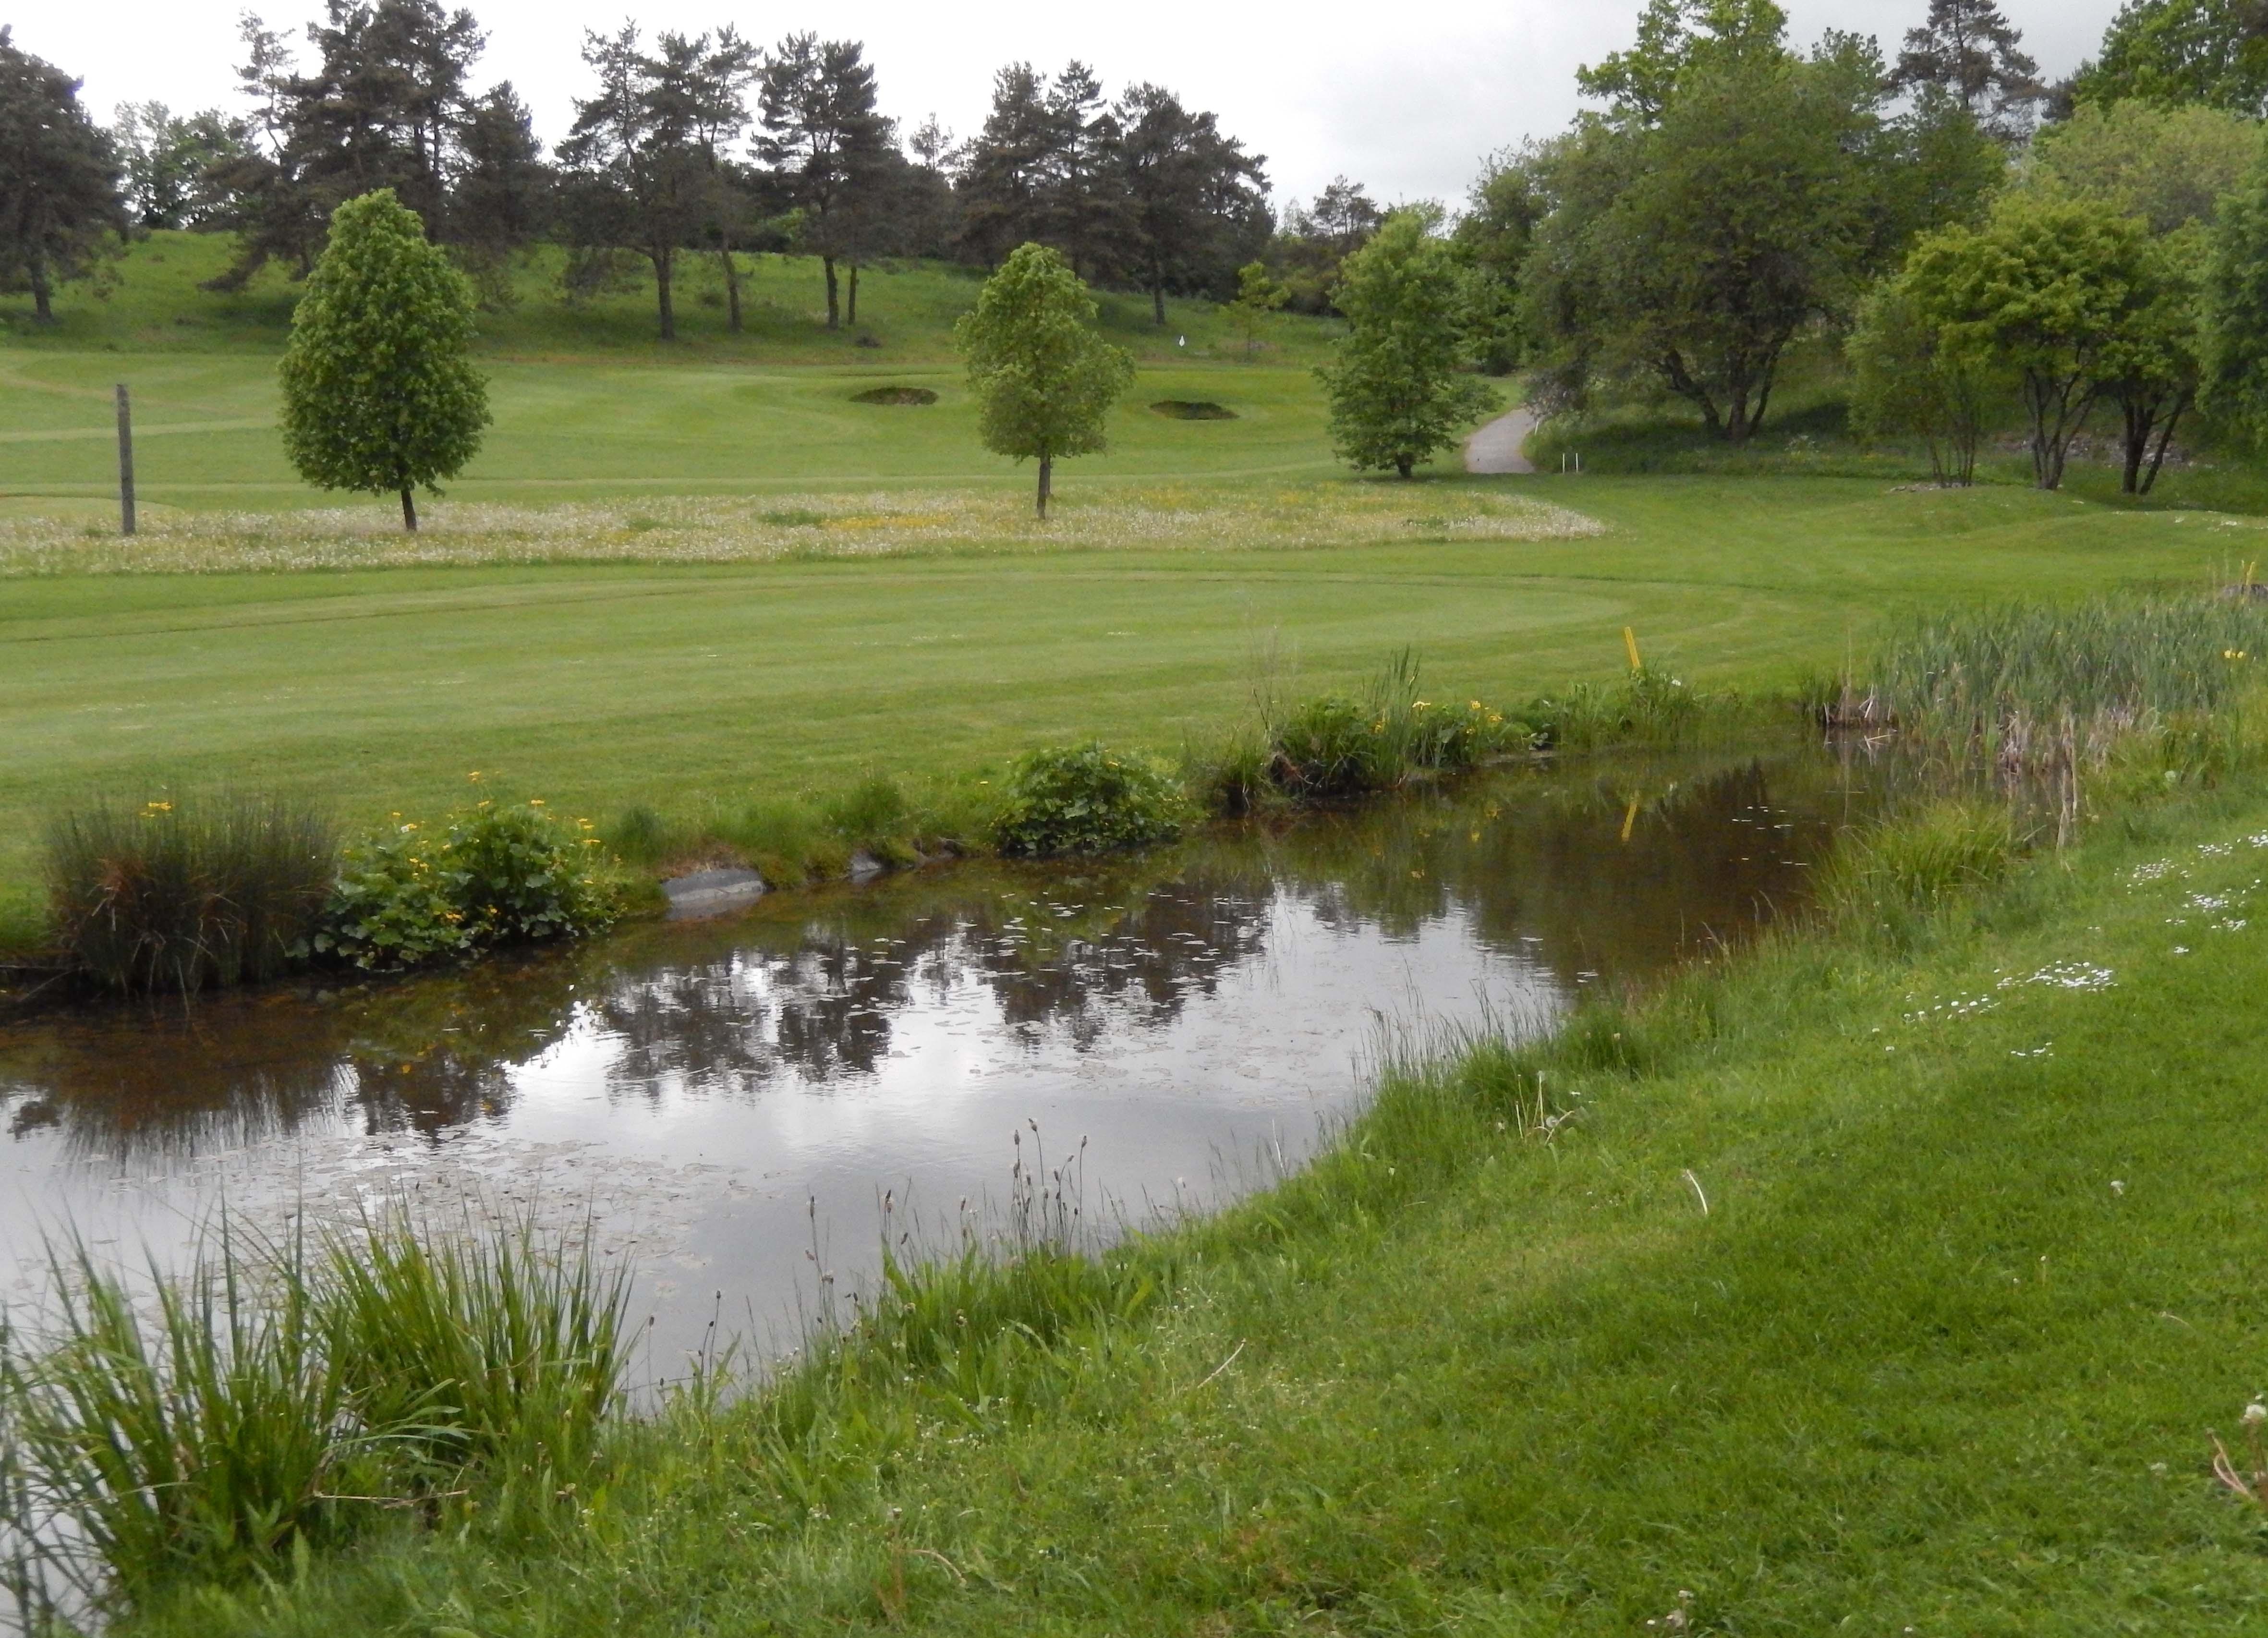 Natur und Golf im harmonischen  Einklang: Typische Impressionen aus  aus dem GC Lauterhofen. Fotos: Seidl-Cesare